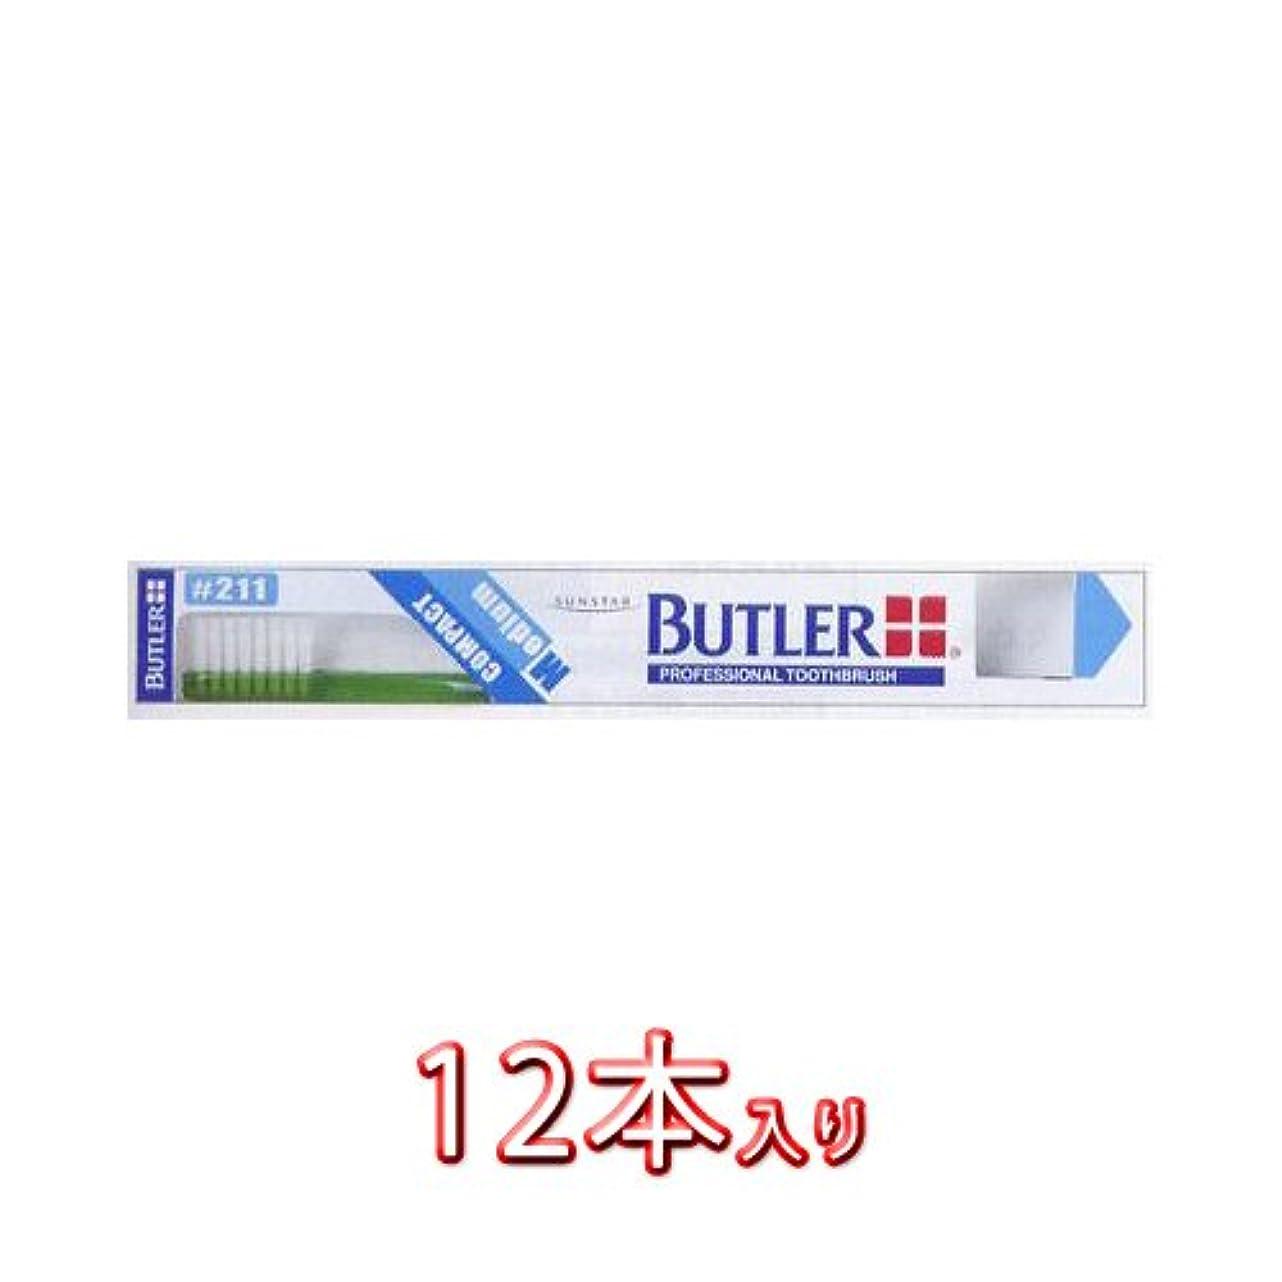 参照する発揮するスタジオバトラー 歯ブラシ #211 12本入